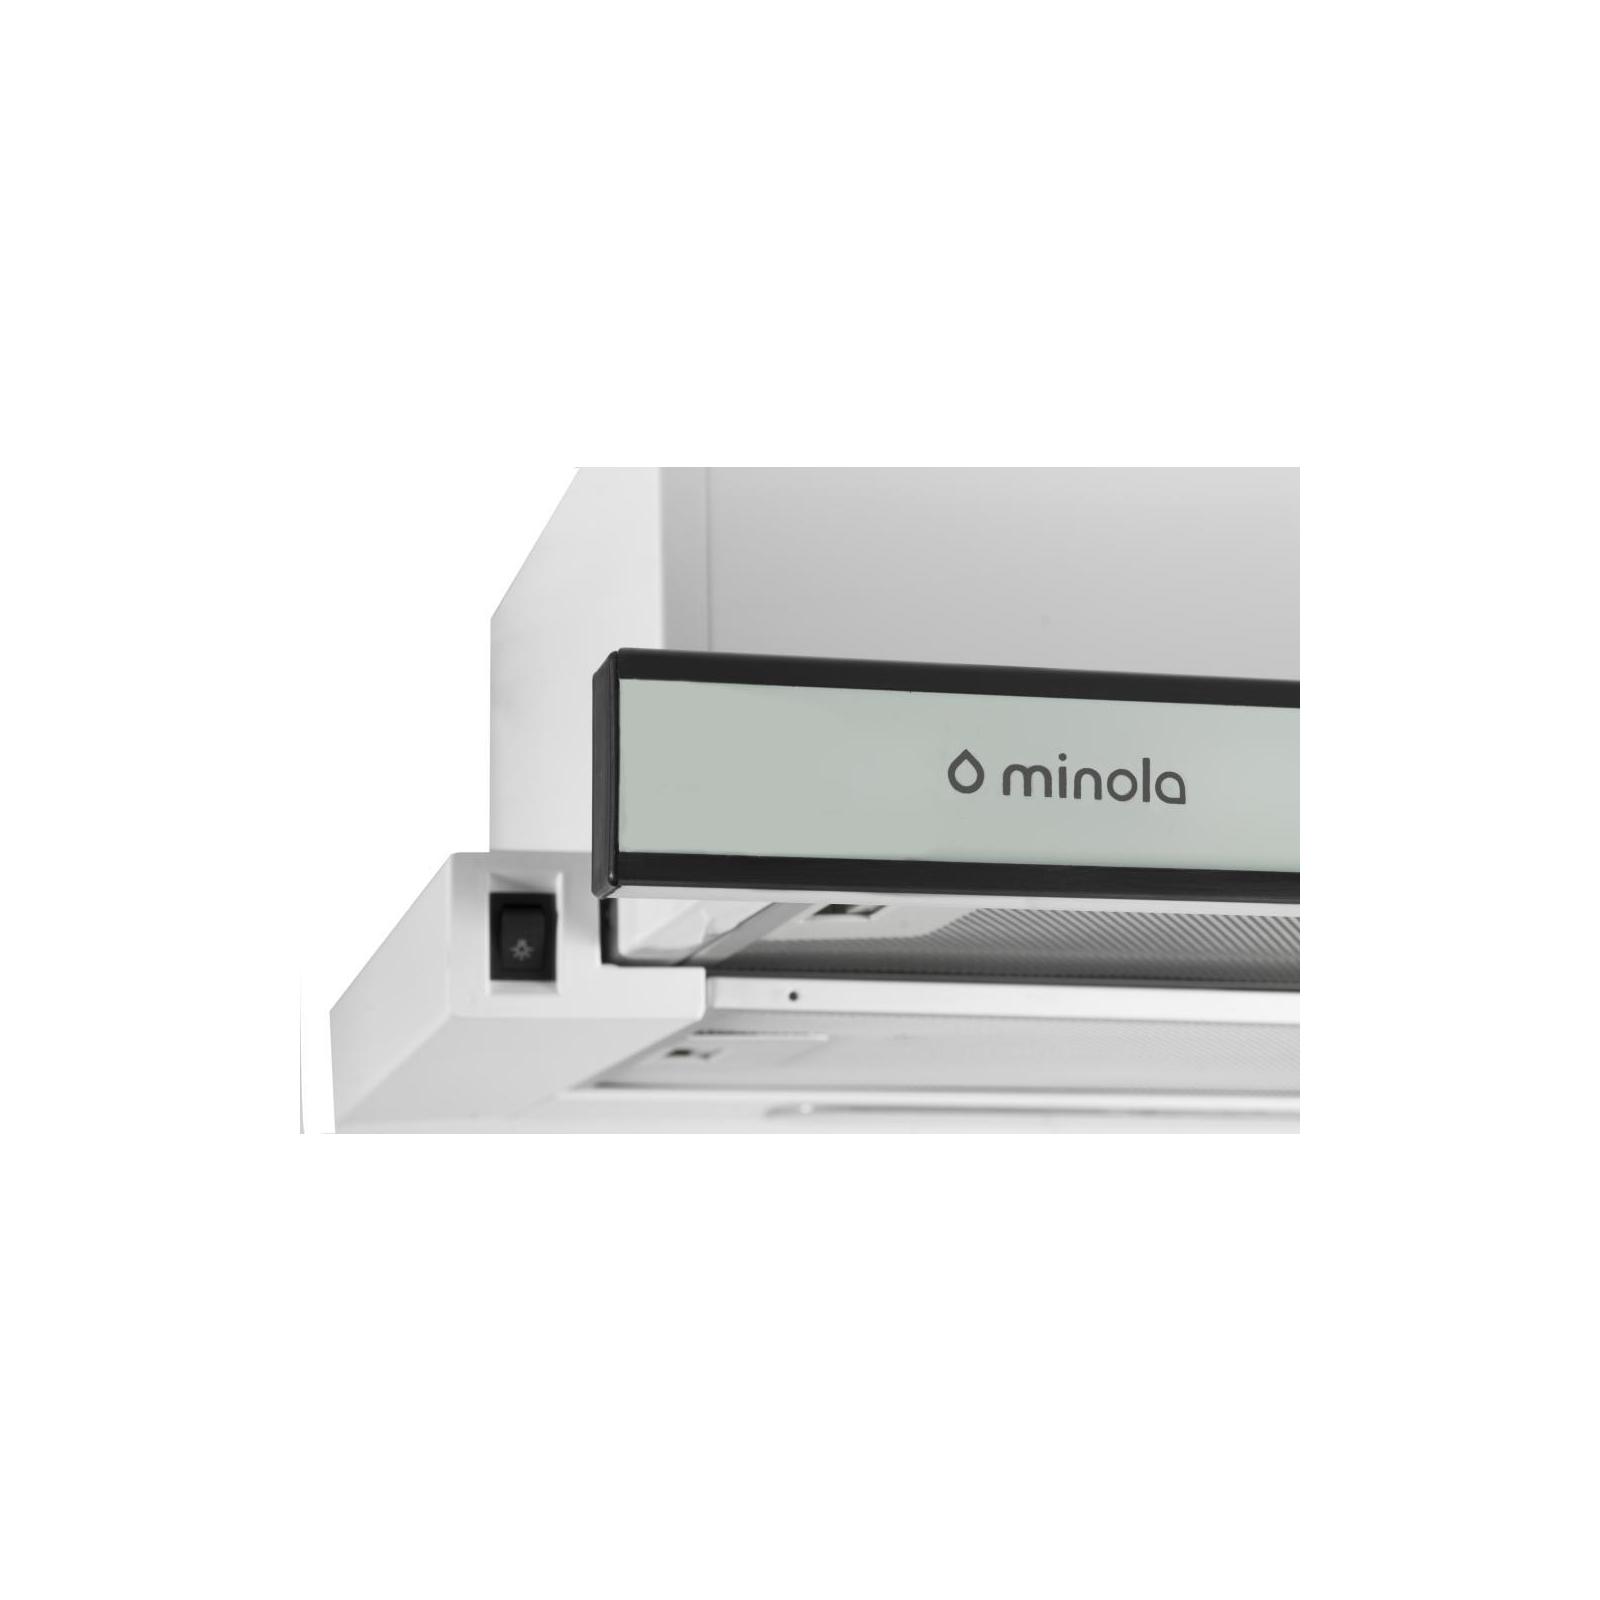 Вытяжка кухонная MINOLA HTL 6160 I/ WH GLASS 630 изображение 3